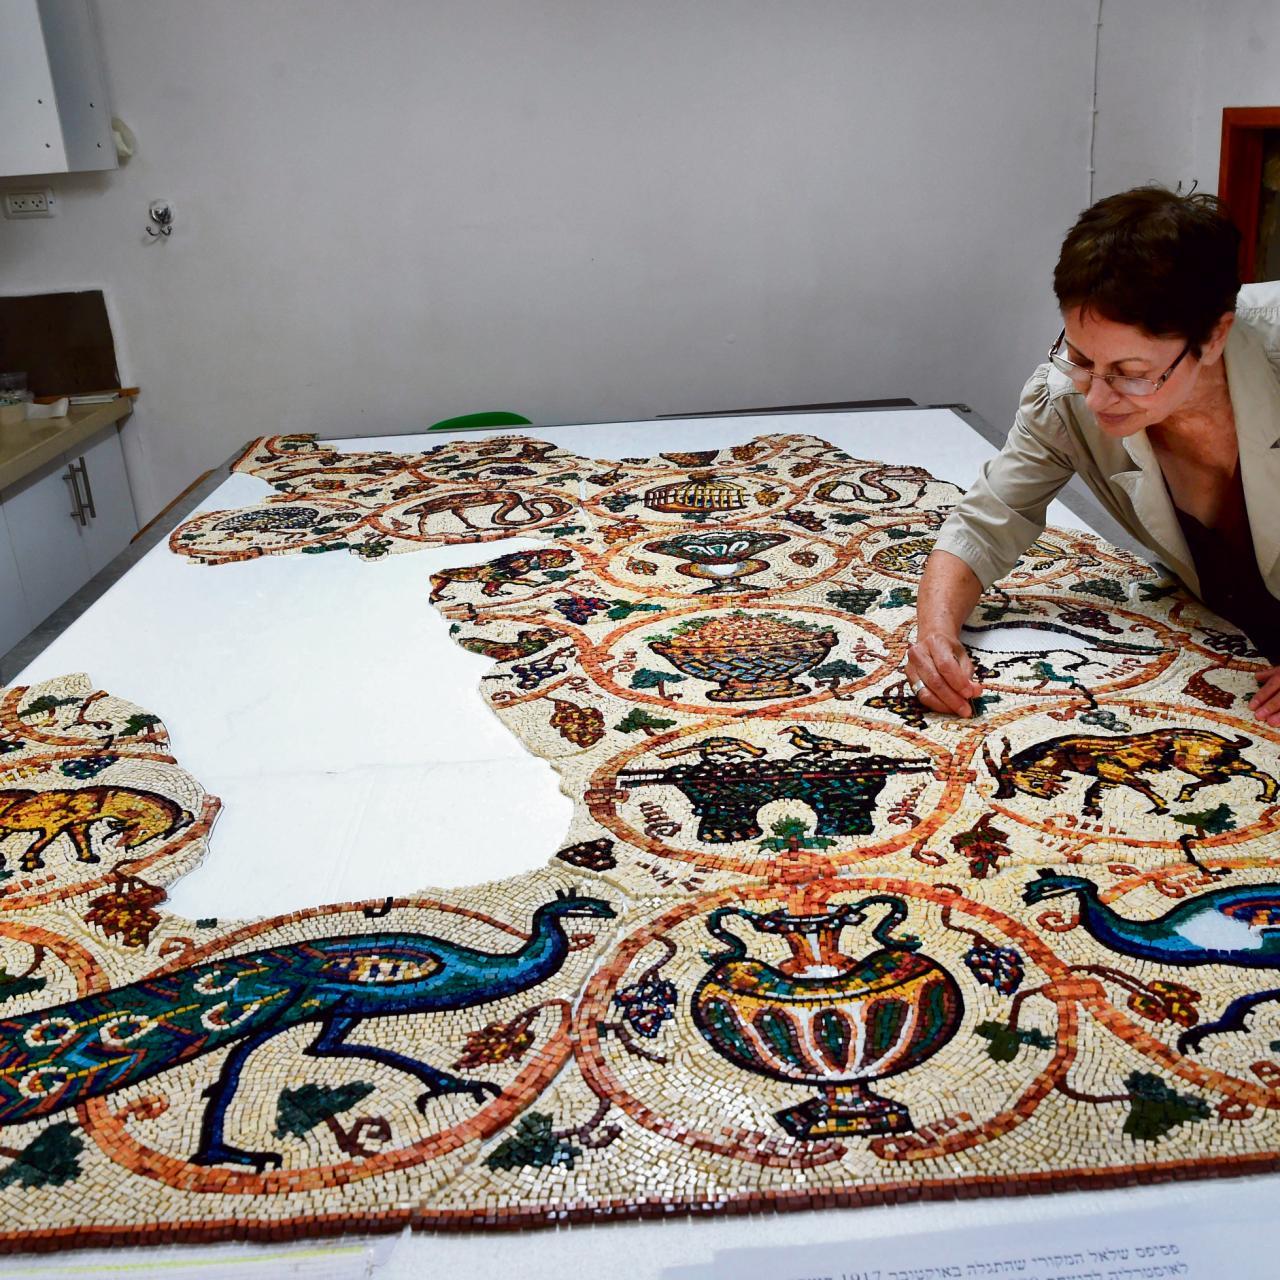 La artista Yardena Visoker presidió un proyecto de recreación, un mosaico retirado de Israel por tropas de ANZAC